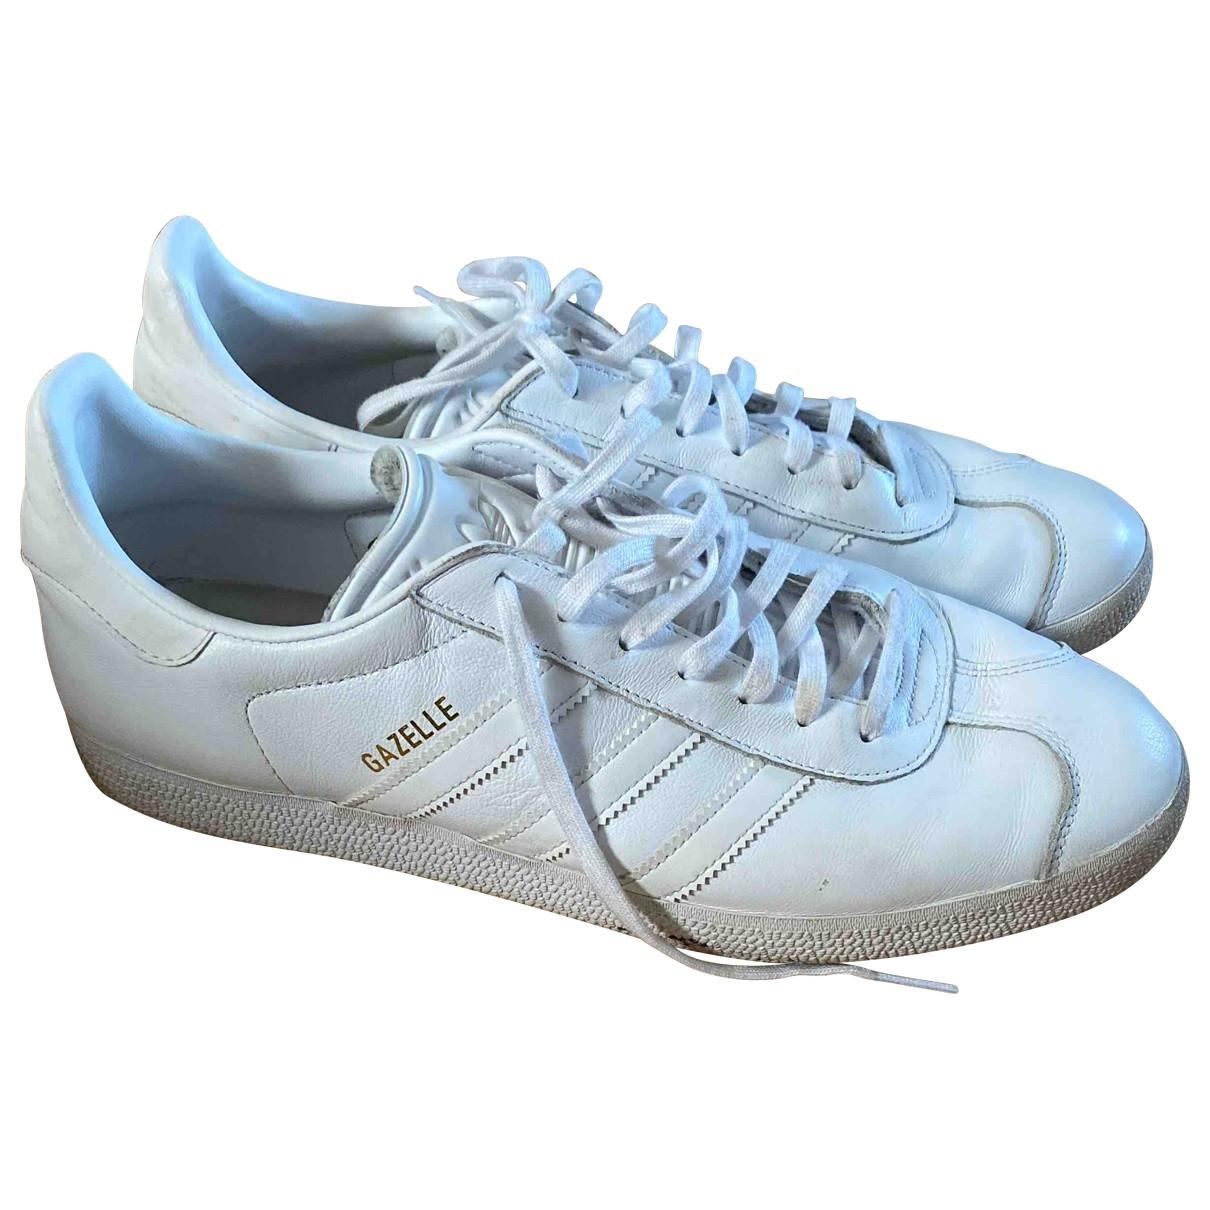 Adidas - Baskets Gazelle pour homme en cuir - blanc